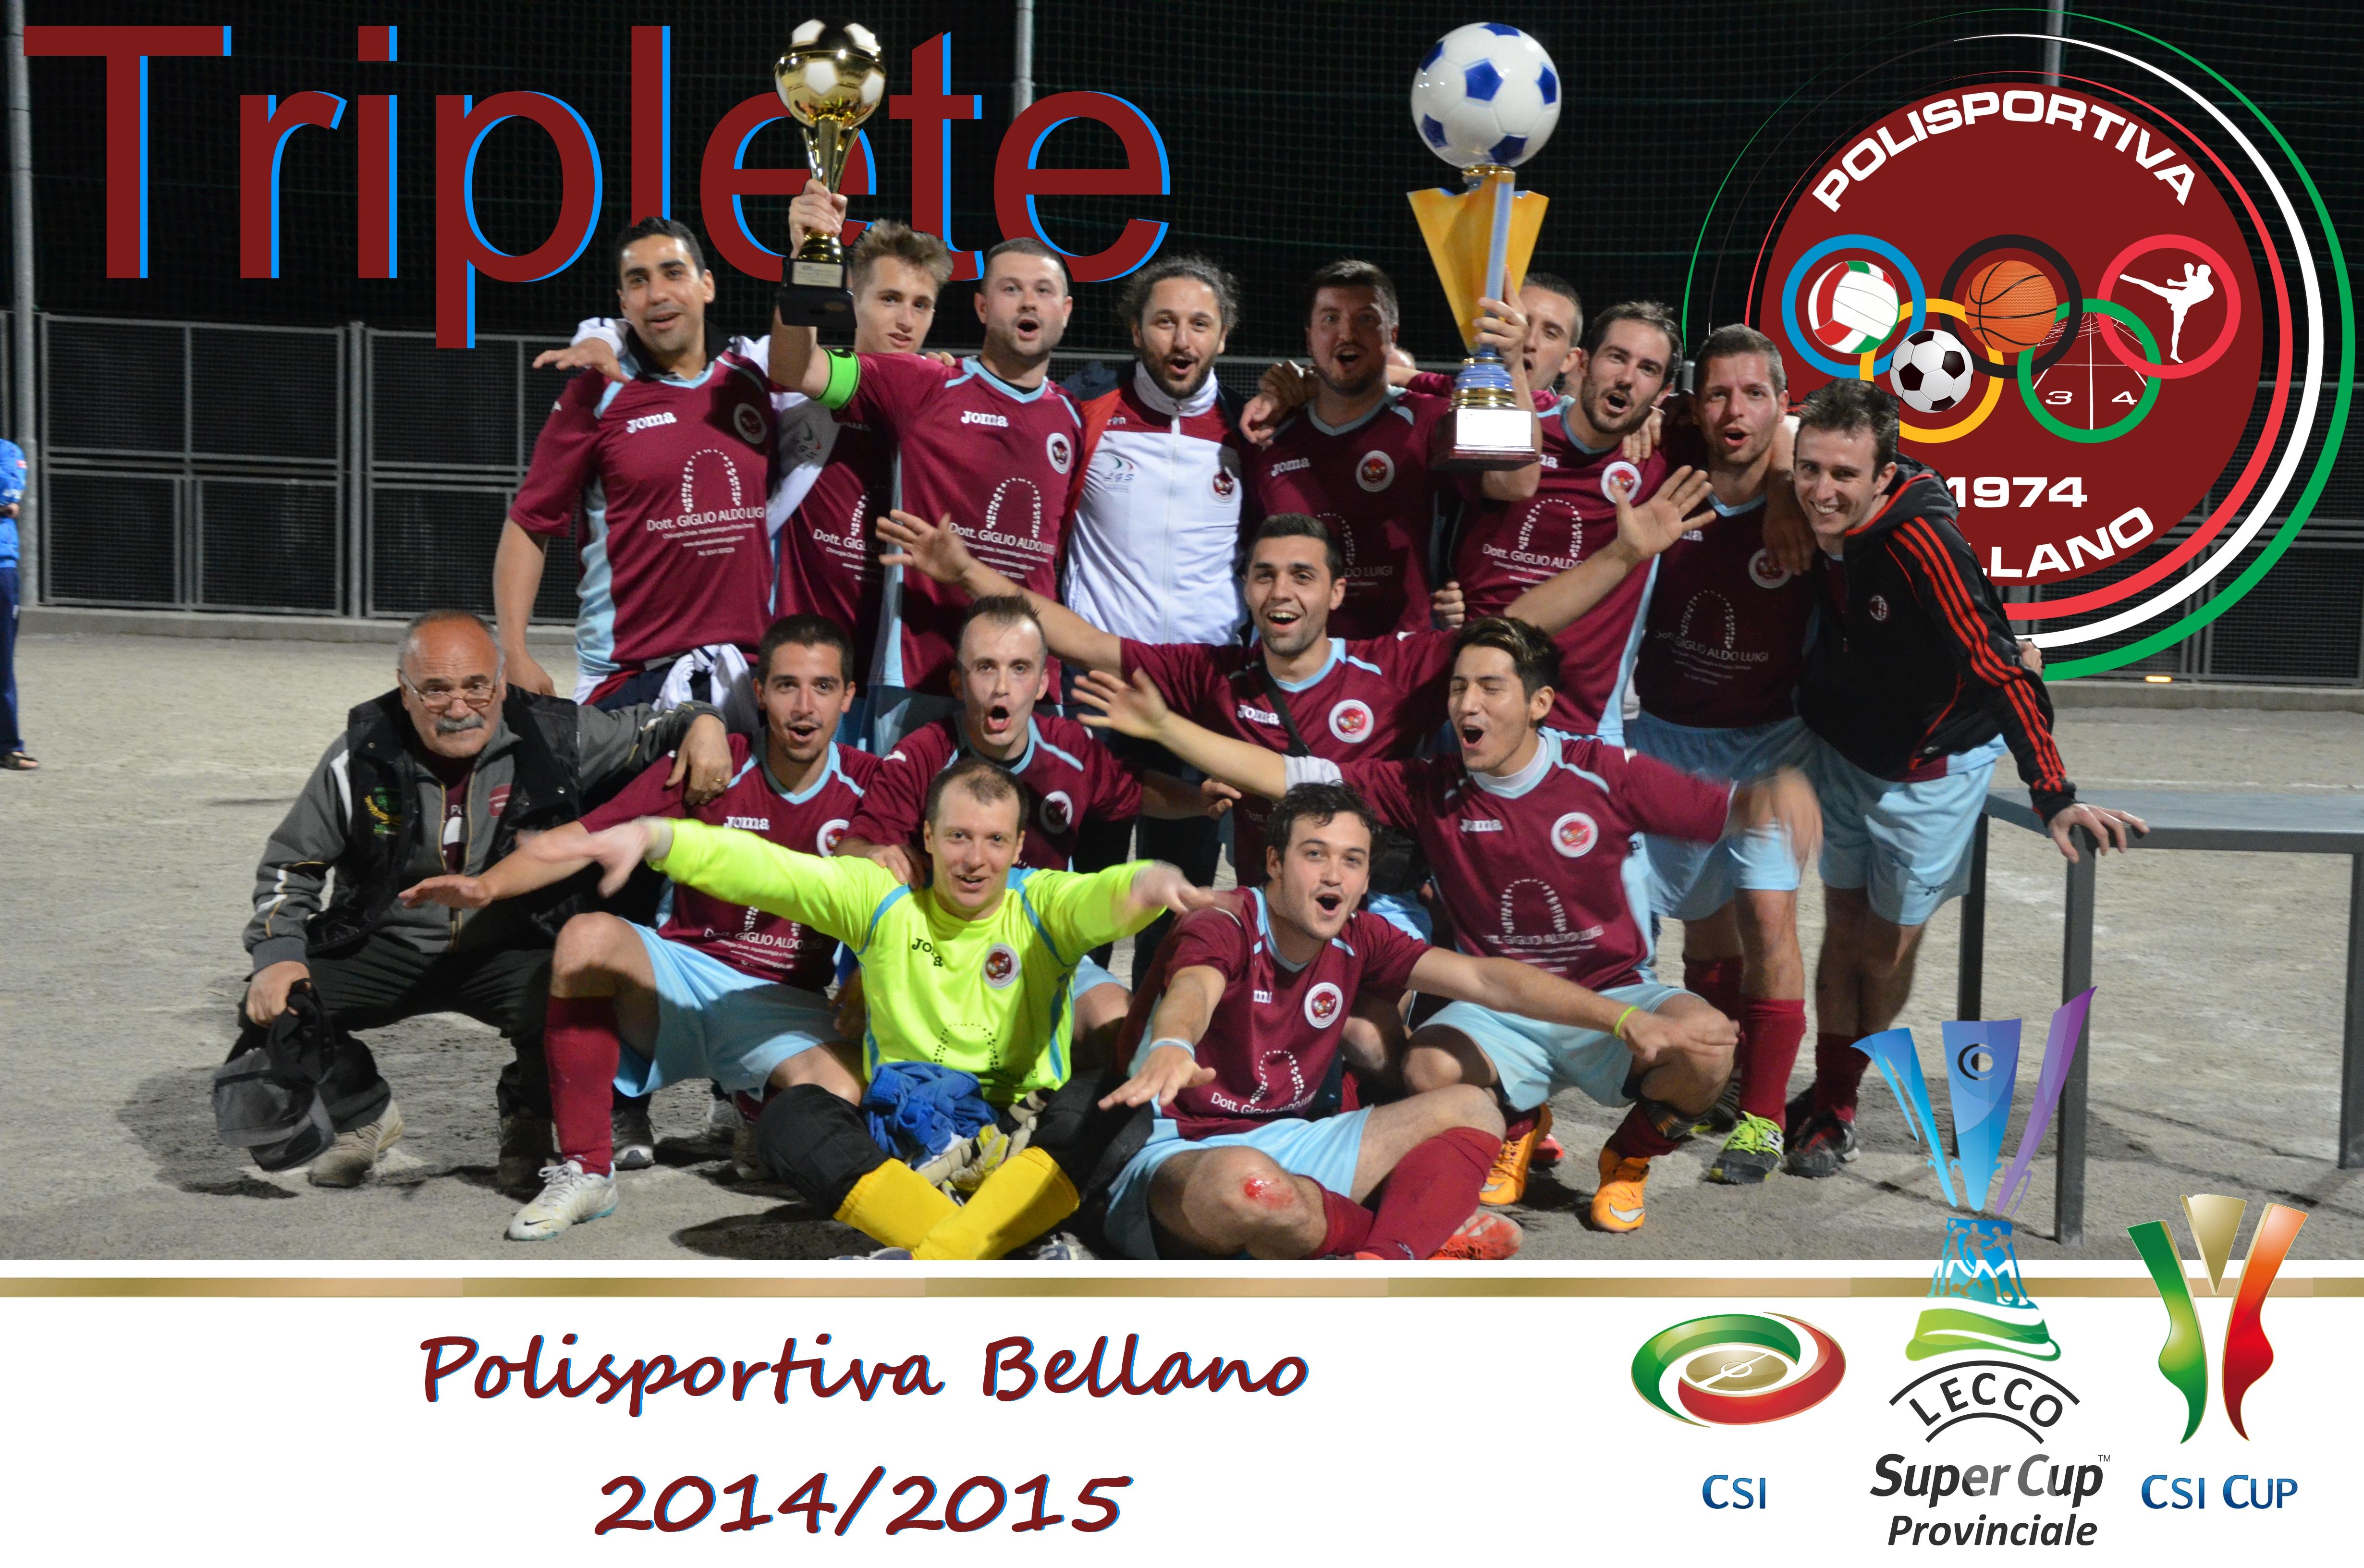 CALCIO OPEN A 7 – FINALE TROFEO CALLONE 2015